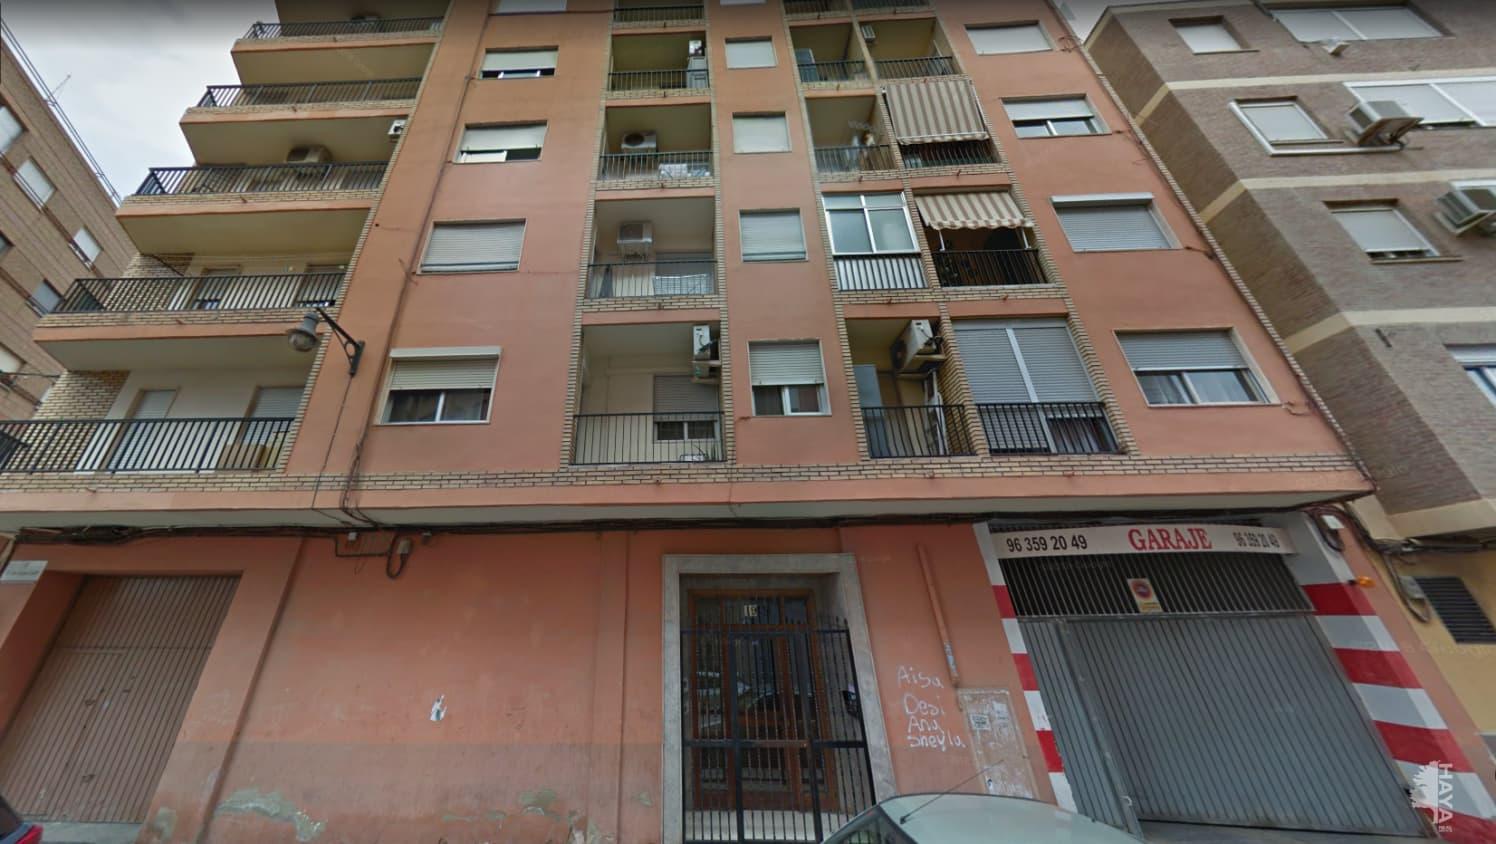 Piso en venta en Barrio de la Luz, Xirivella, Valencia, Calle Juan Xxiii, 110.490 €, 4 habitaciones, 2 baños, 110 m2